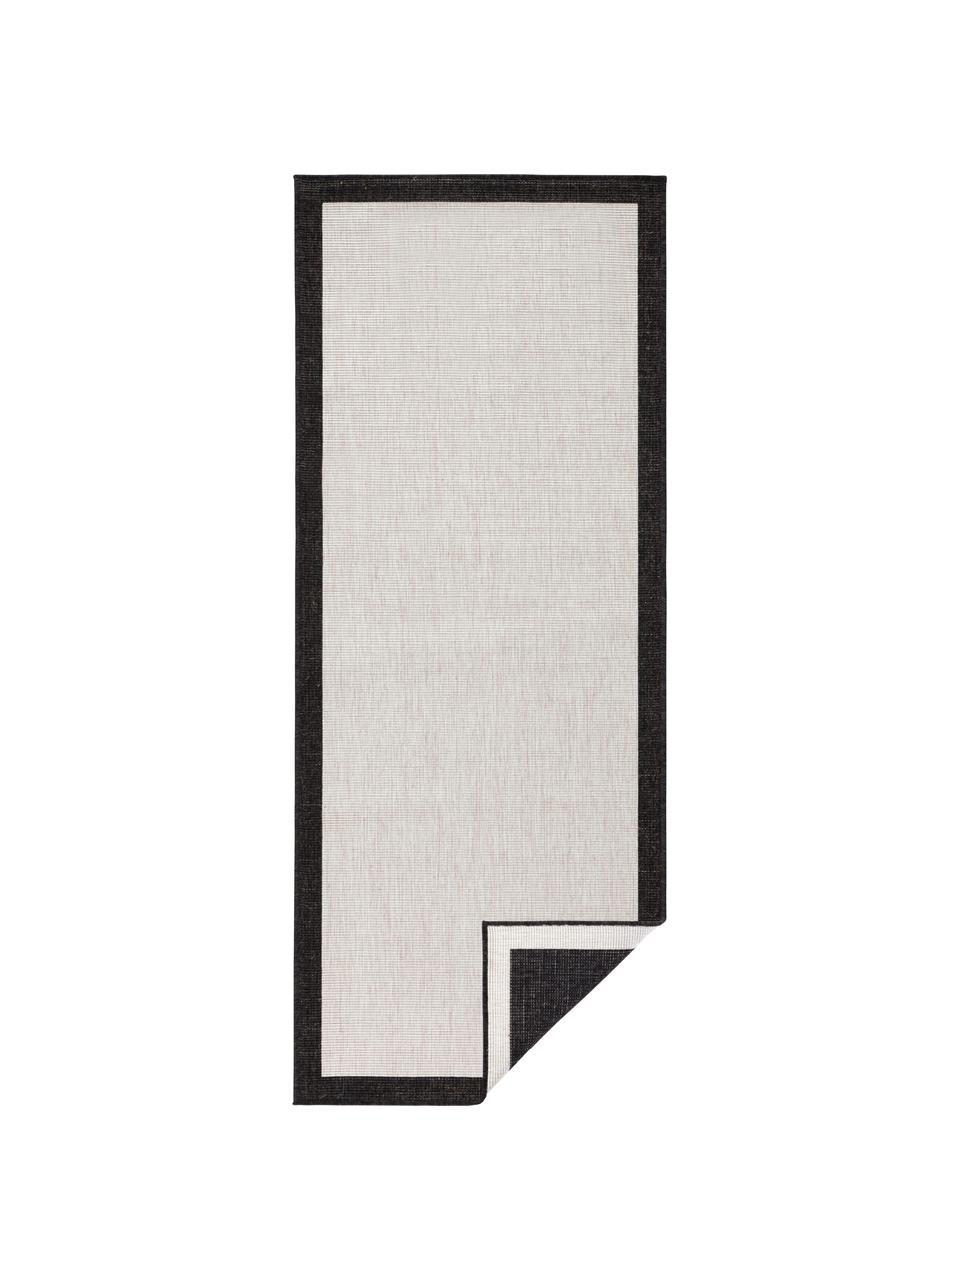 Dubbelzijdige in- & outdoor loper Panama in zwart/crèmekleur, 100% polypropyleen, Zwart, crèmekleurig, 80 x 250 cm